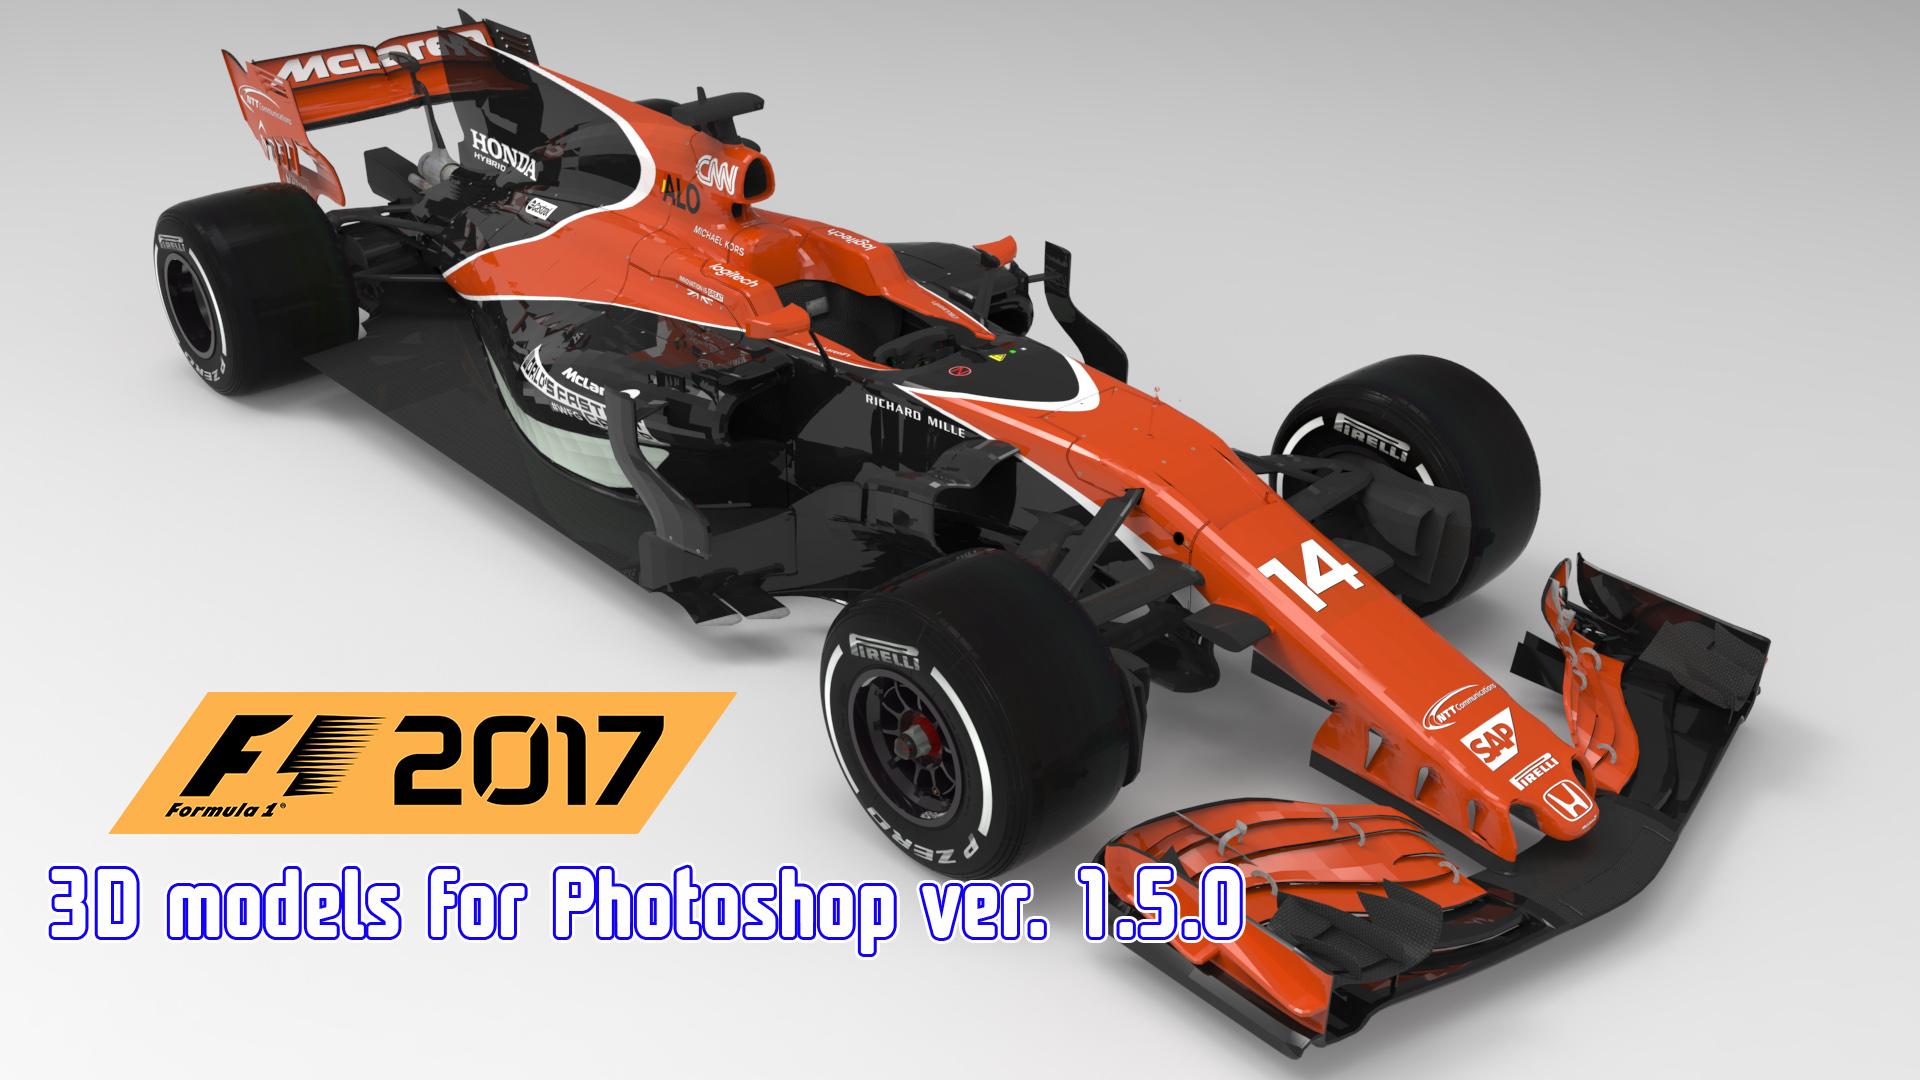 2017_model_ver_1_50.jpg